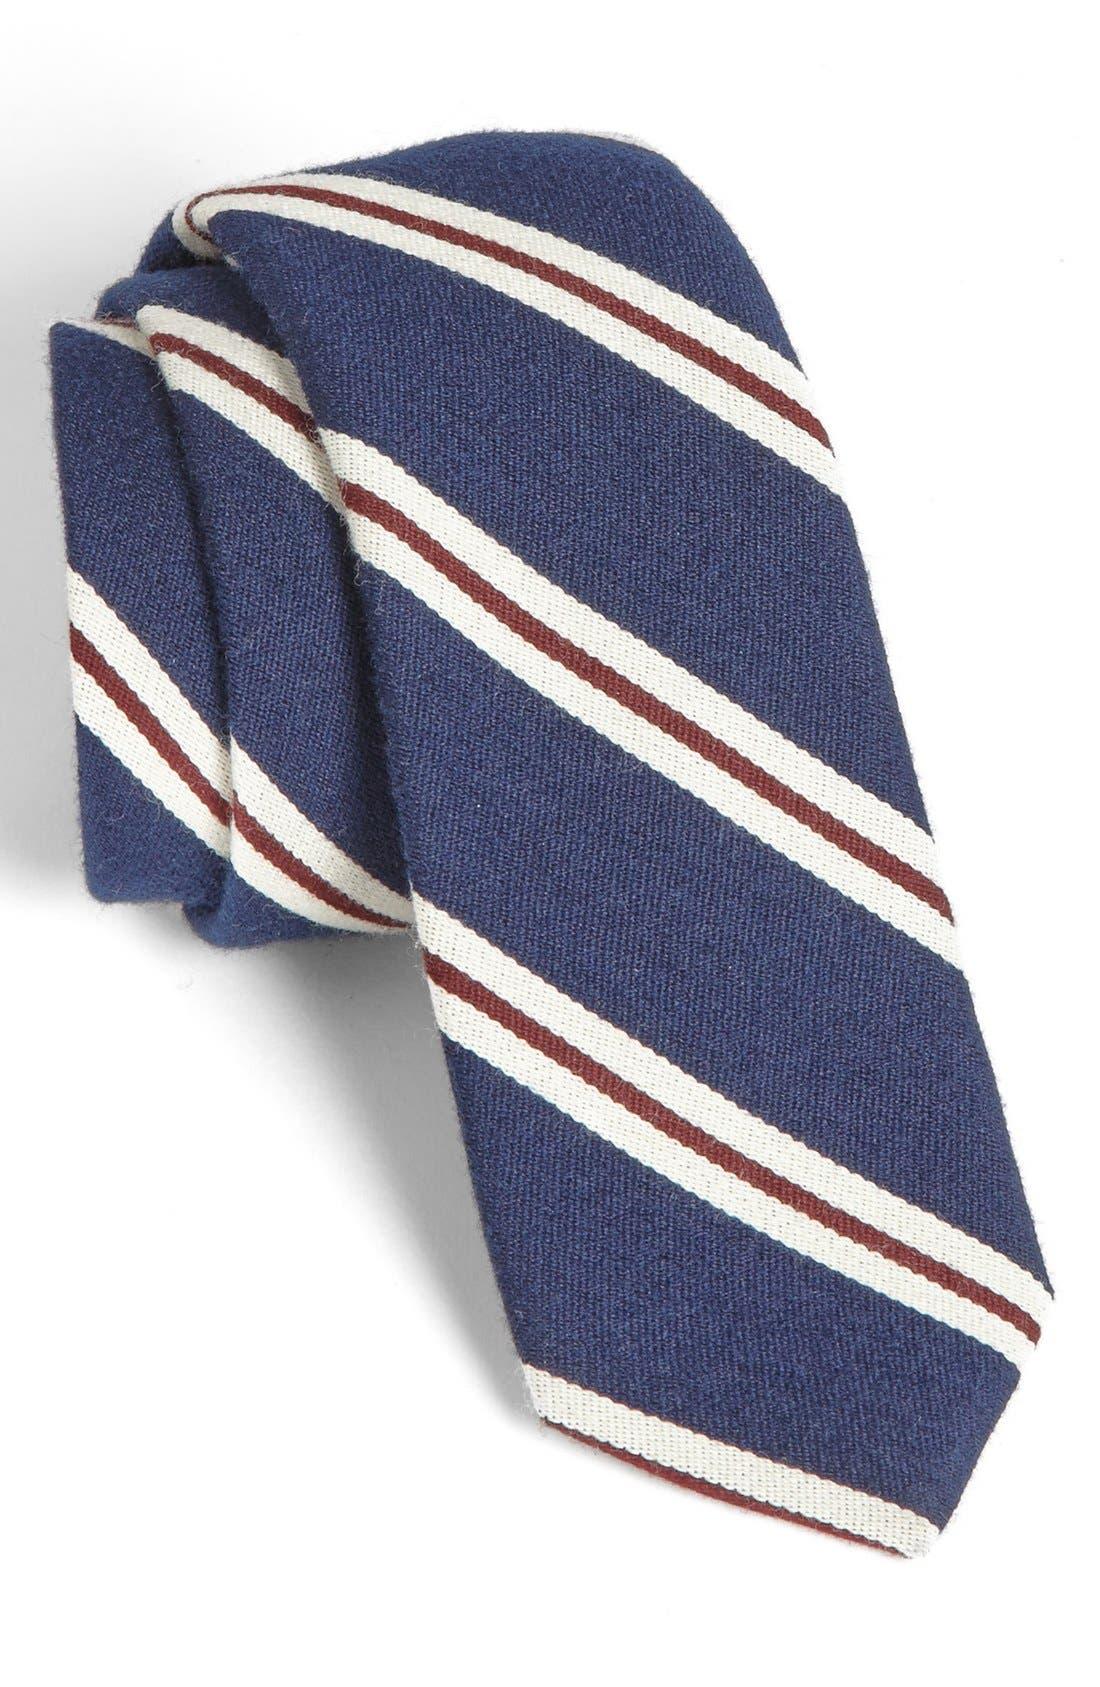 Alternate Image 1 Selected - Robert Stewart Stripe Tie